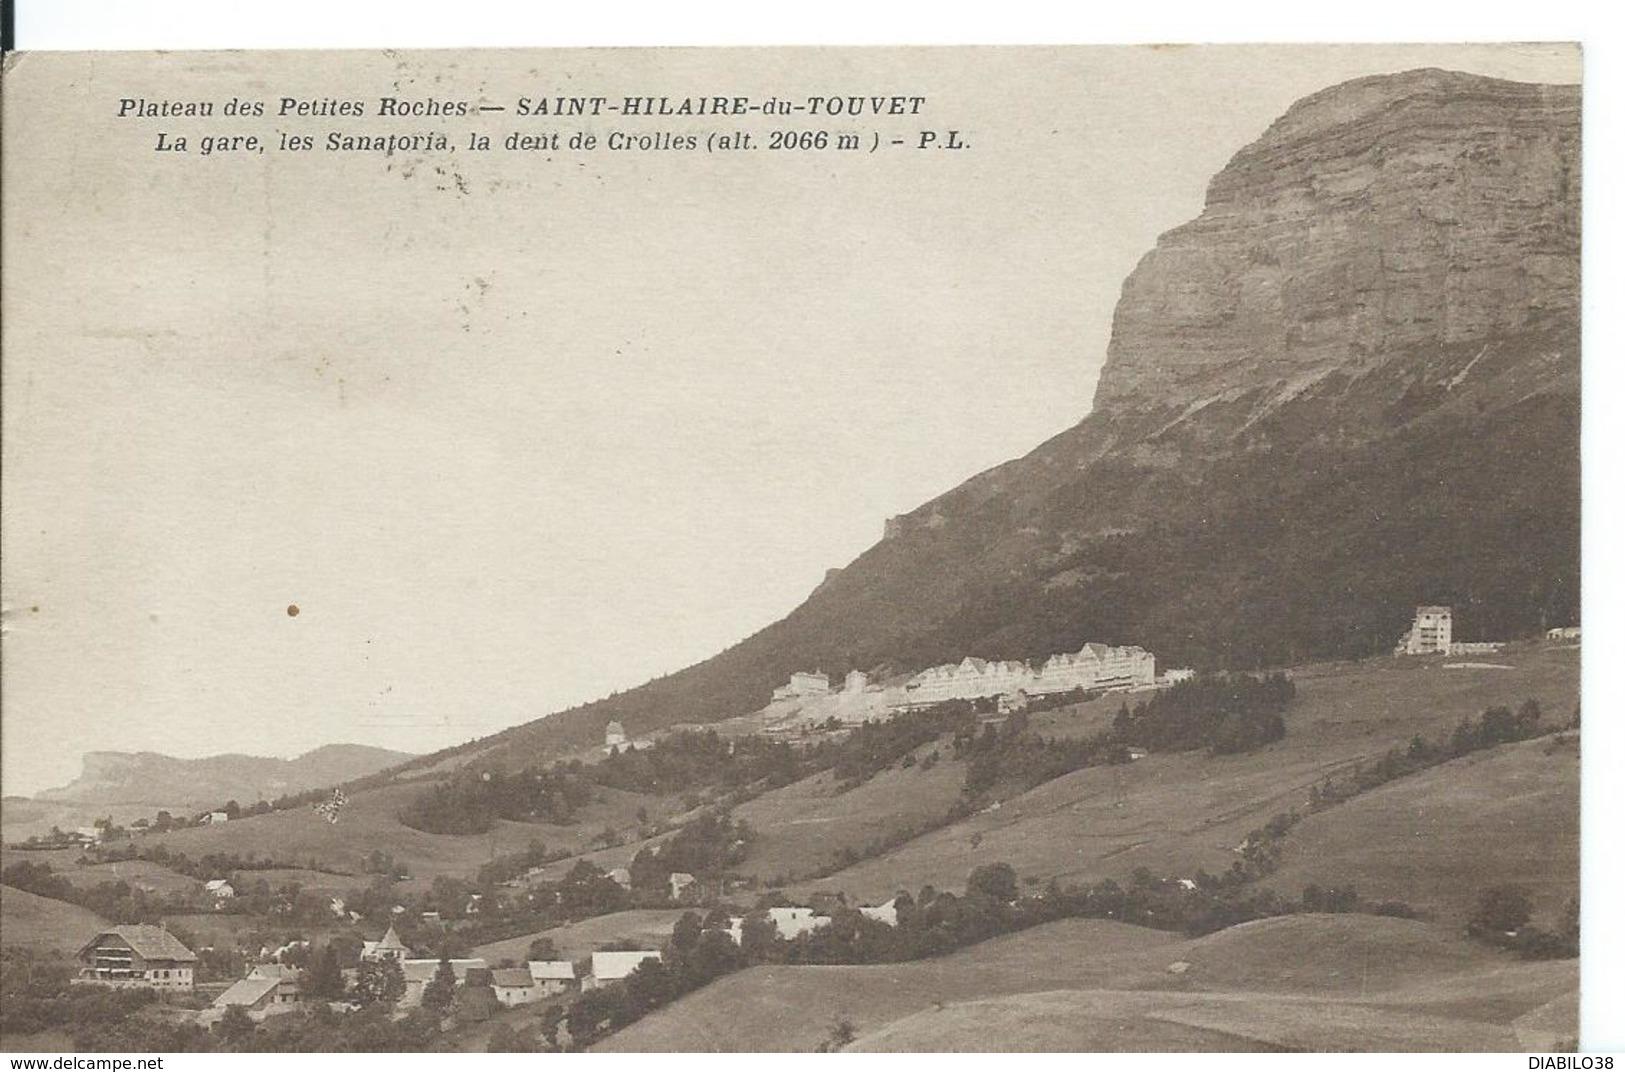 SAINT-HILAIRE-DU-TOUVET ( ISÈRE )  PLATEAU DES PETITES ROCHES ...LA GARE , LE SANATORIA , LA DENT DE CROLLES - Saint-Hilaire-du-Touvet